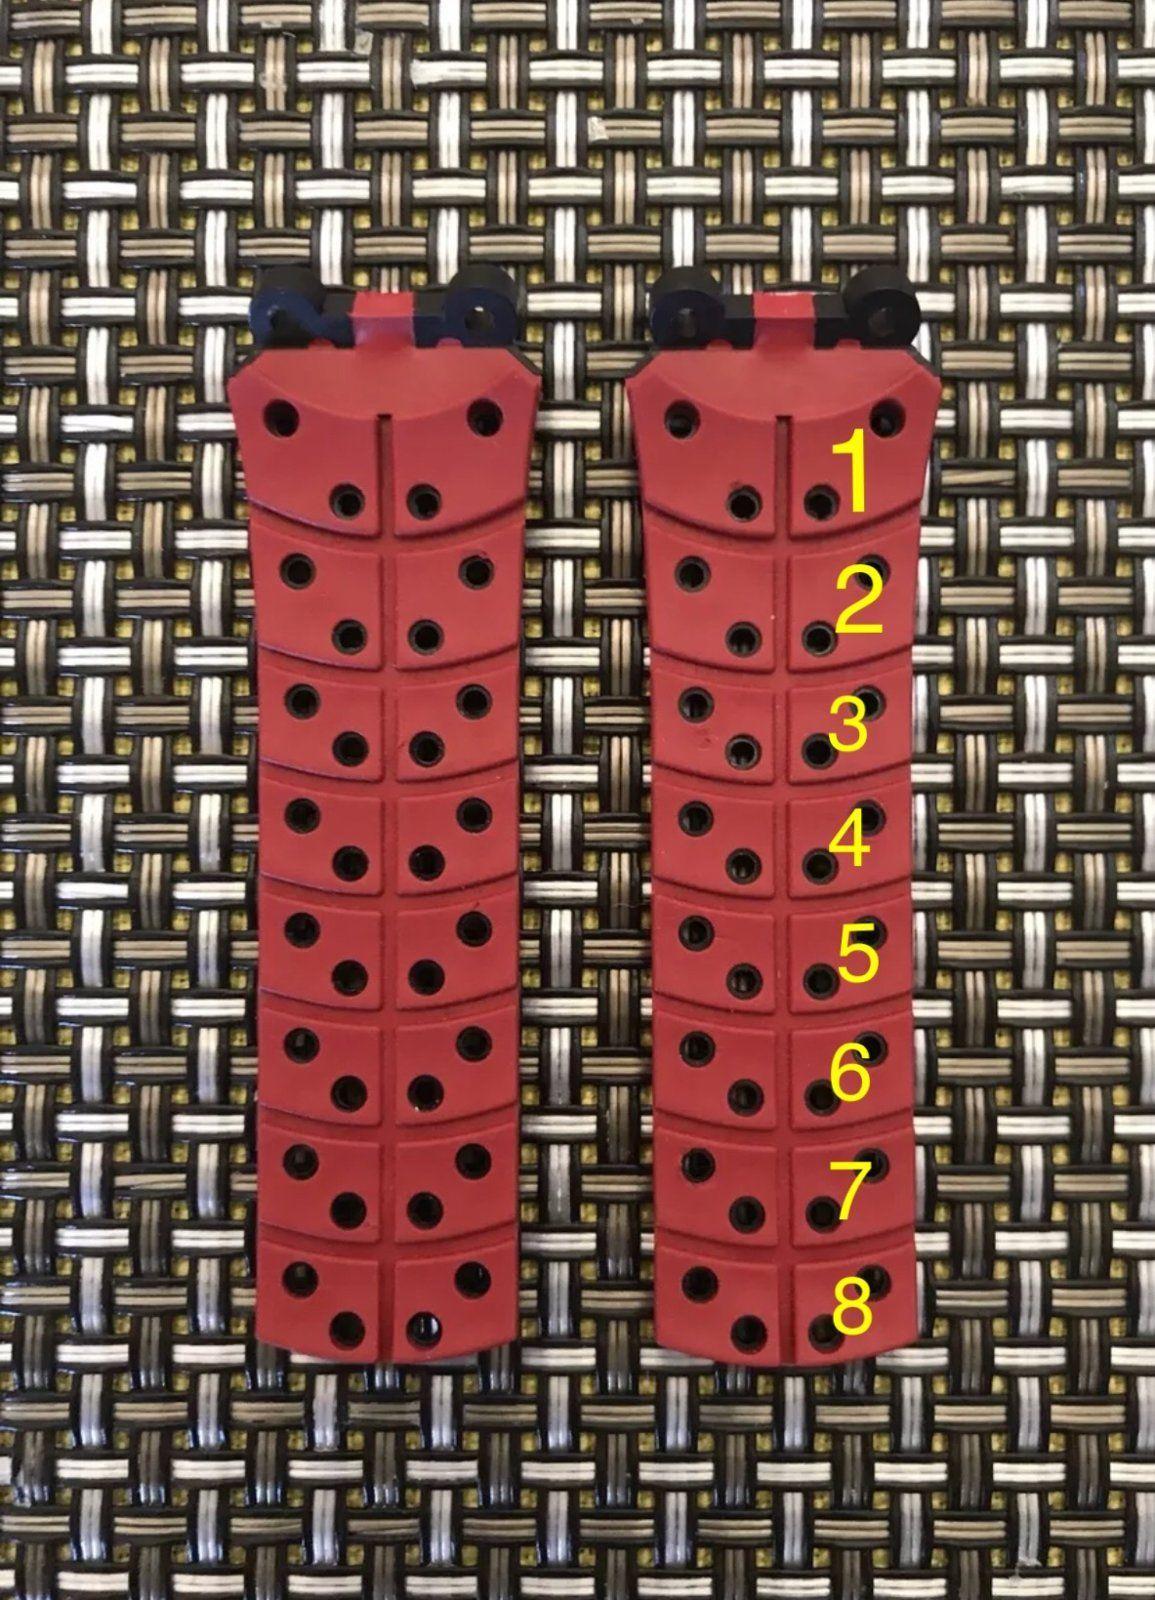 6C767F64-4271-4E05-B2B9-C1675C60A80C.jpeg